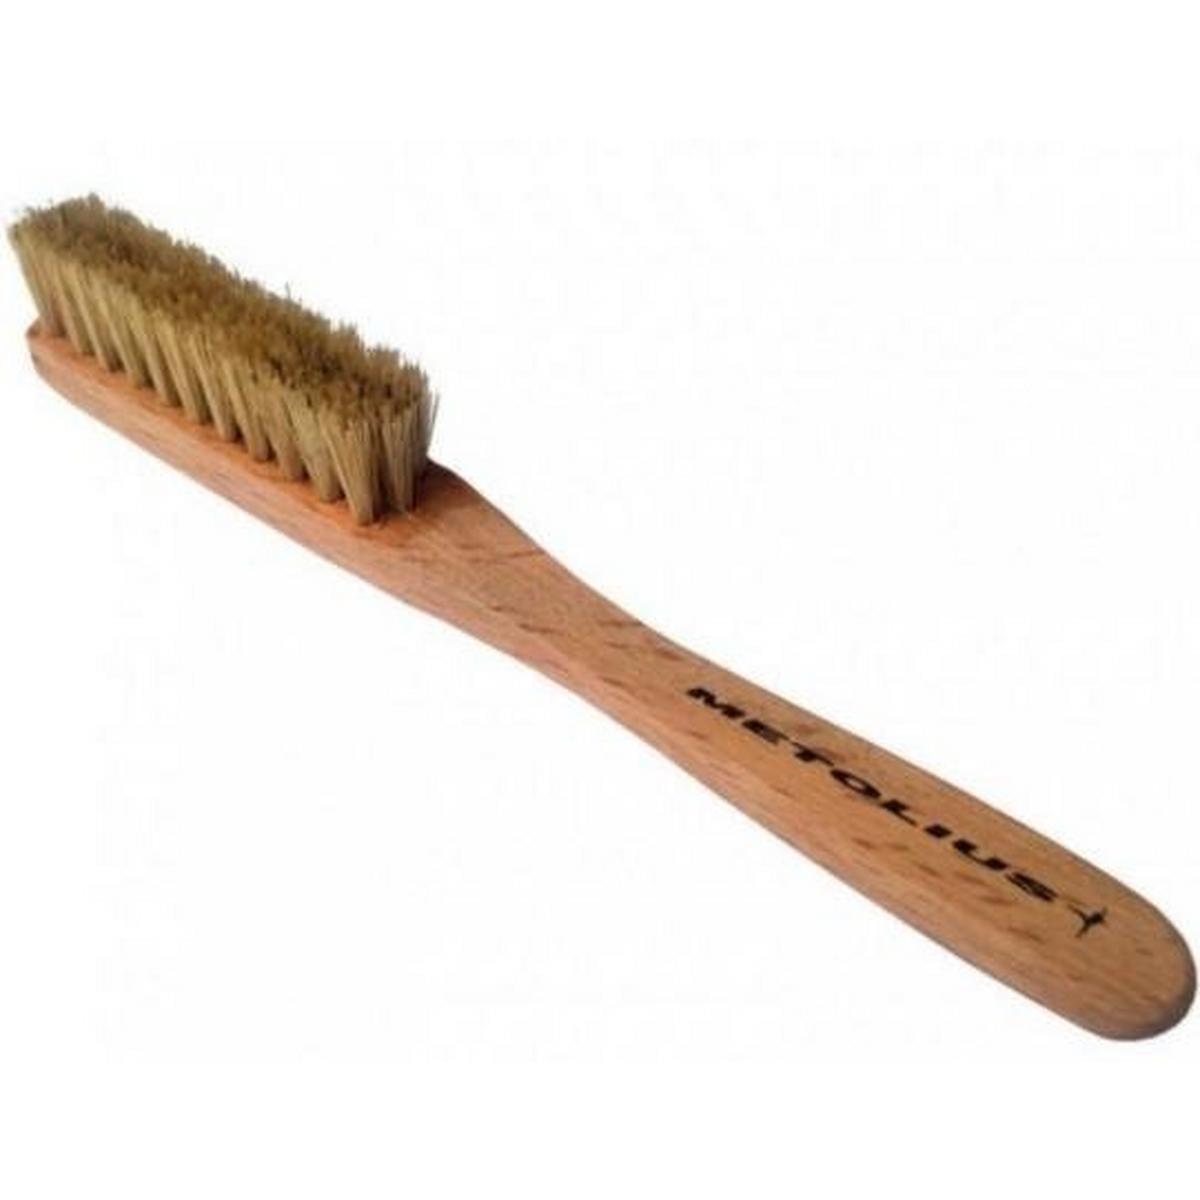 Metolius Solid Brush - Wooden